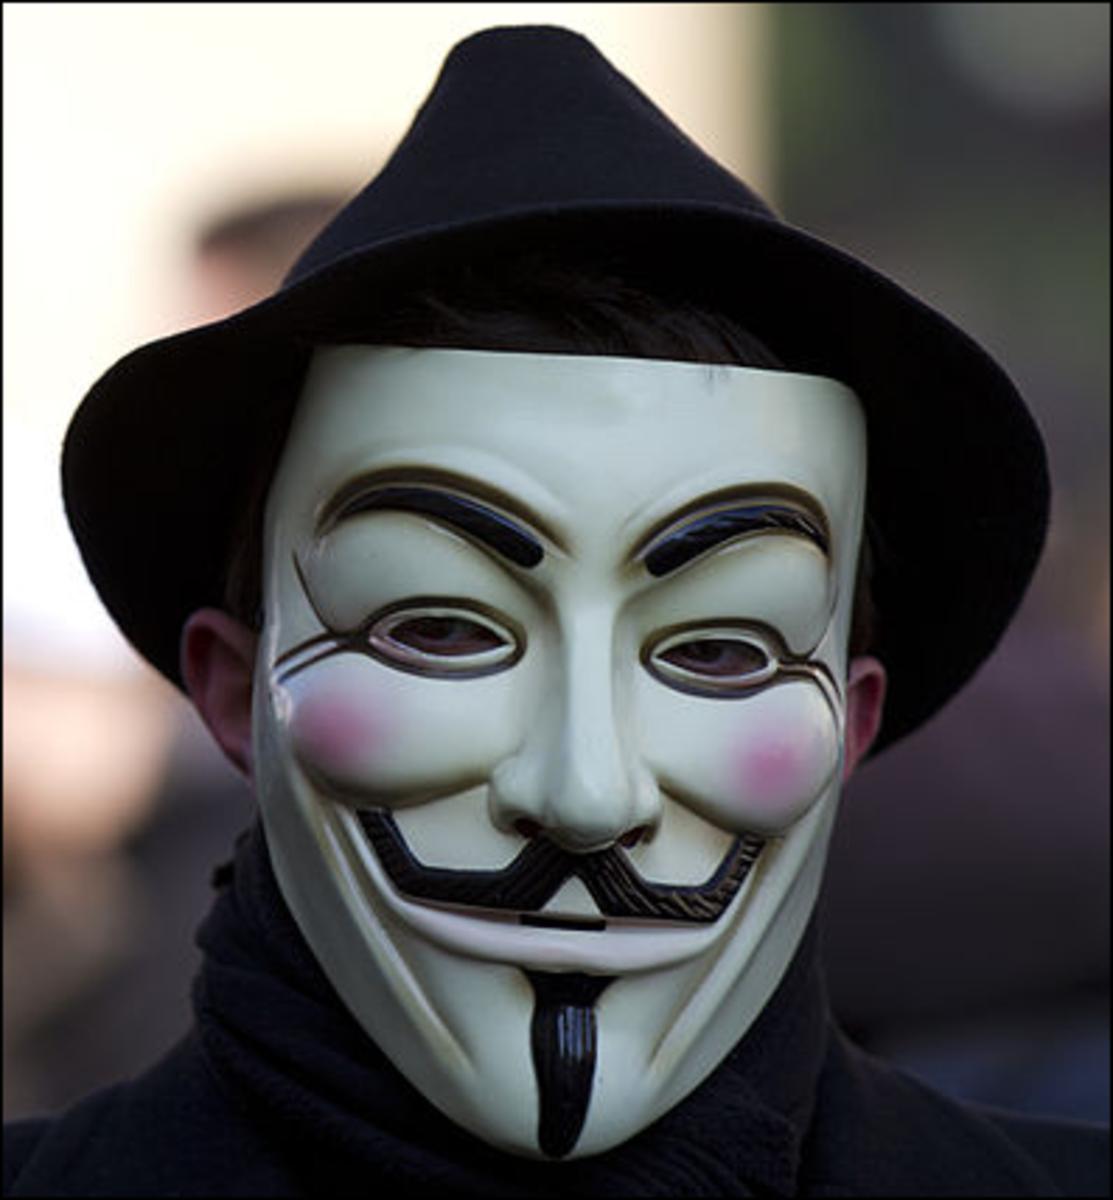 'Black hat' hacker?